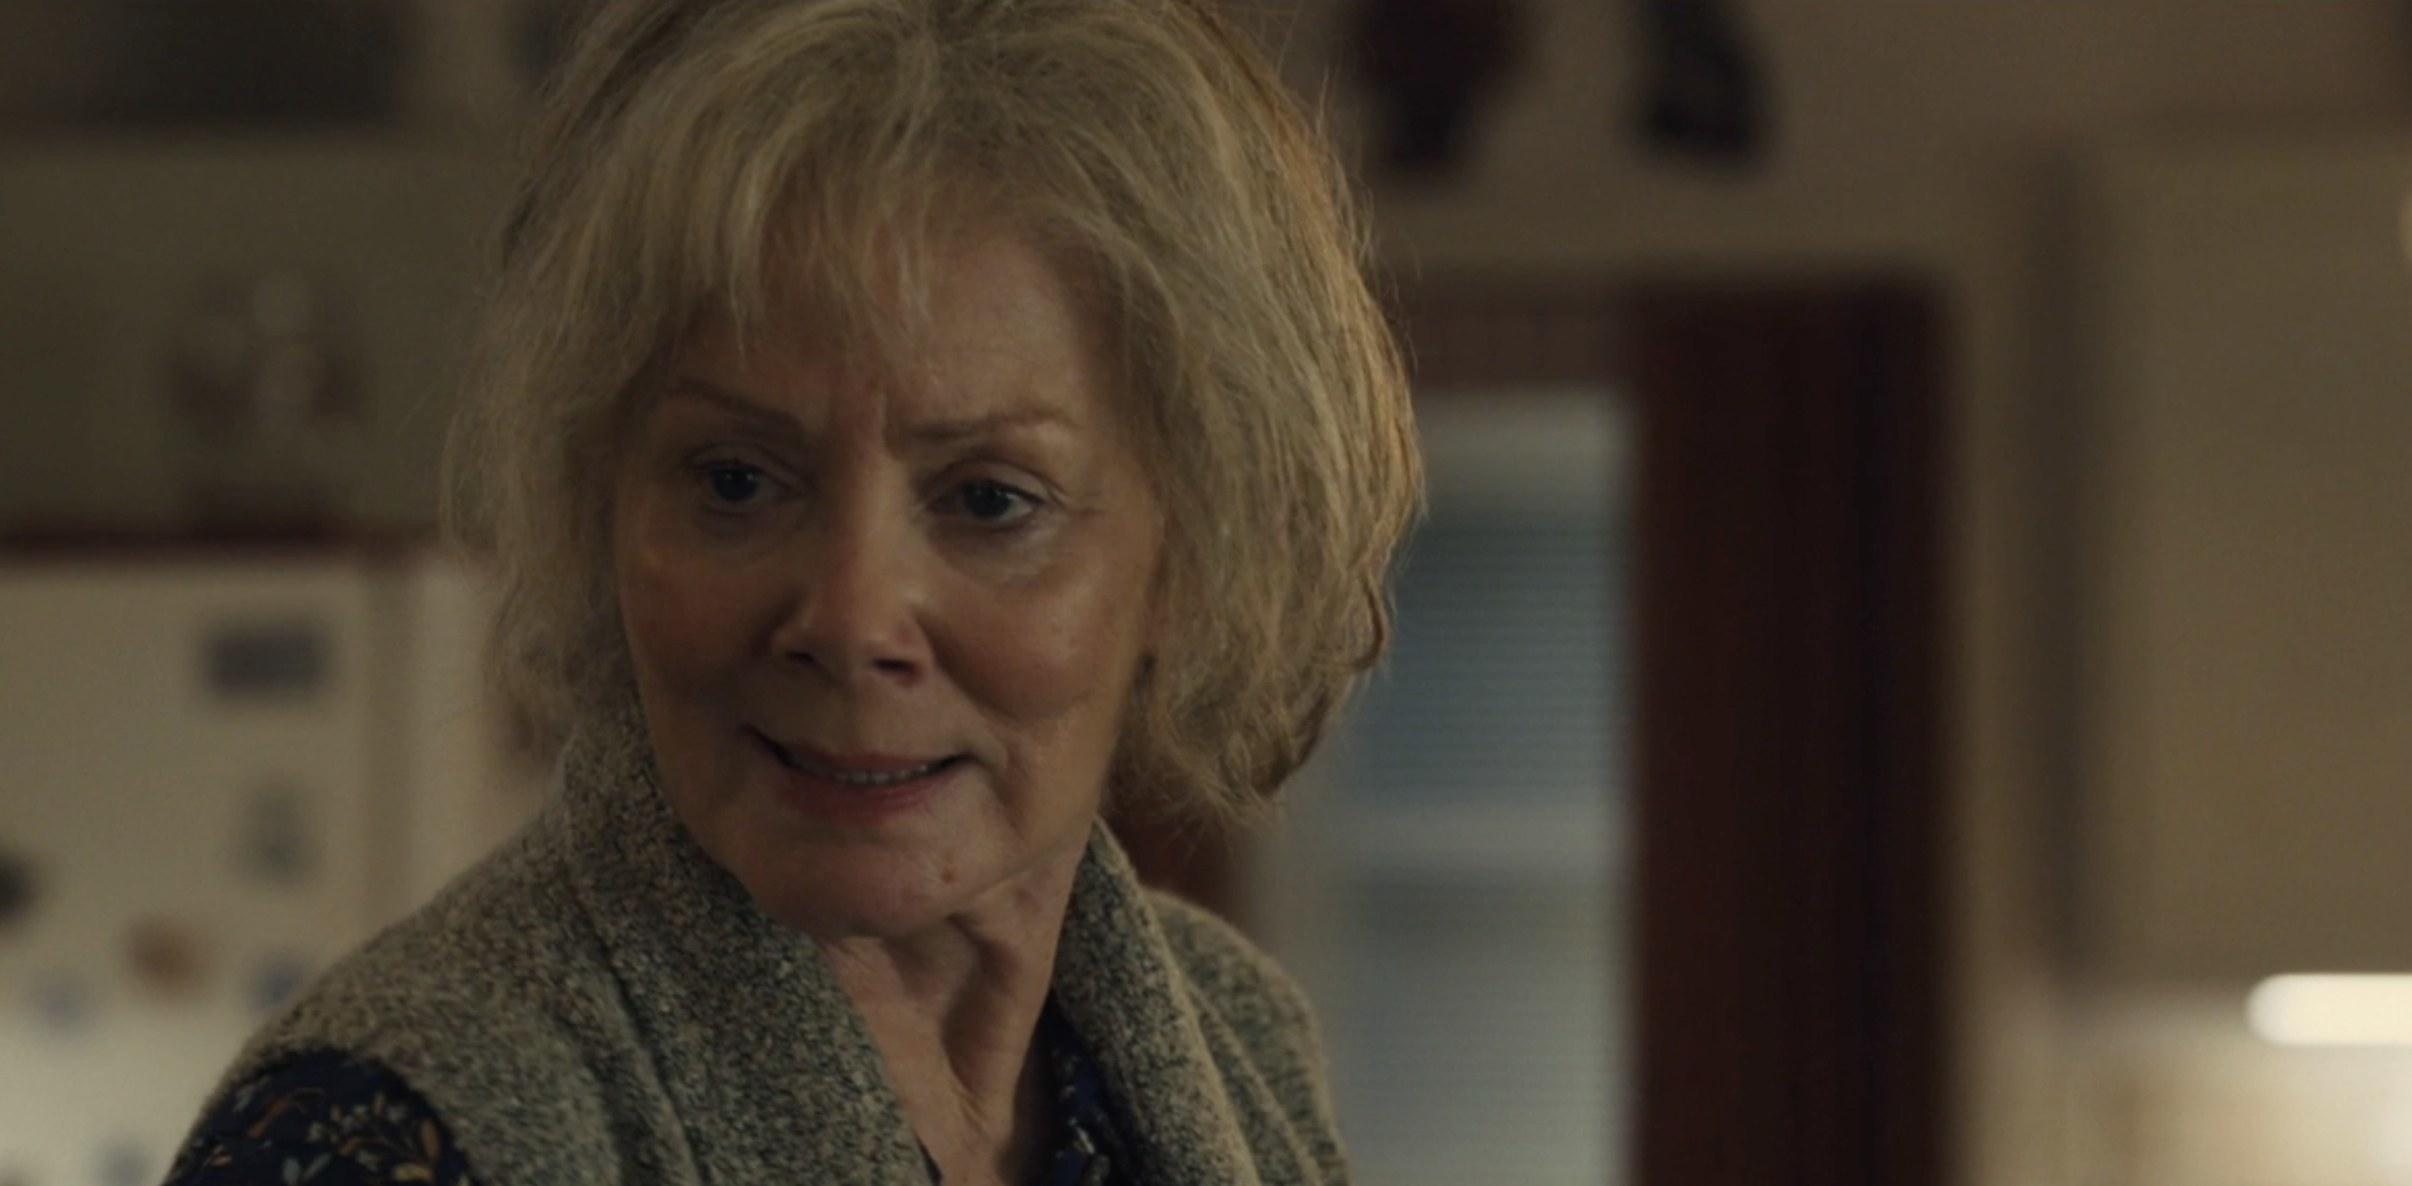 Mare's mom, Helen